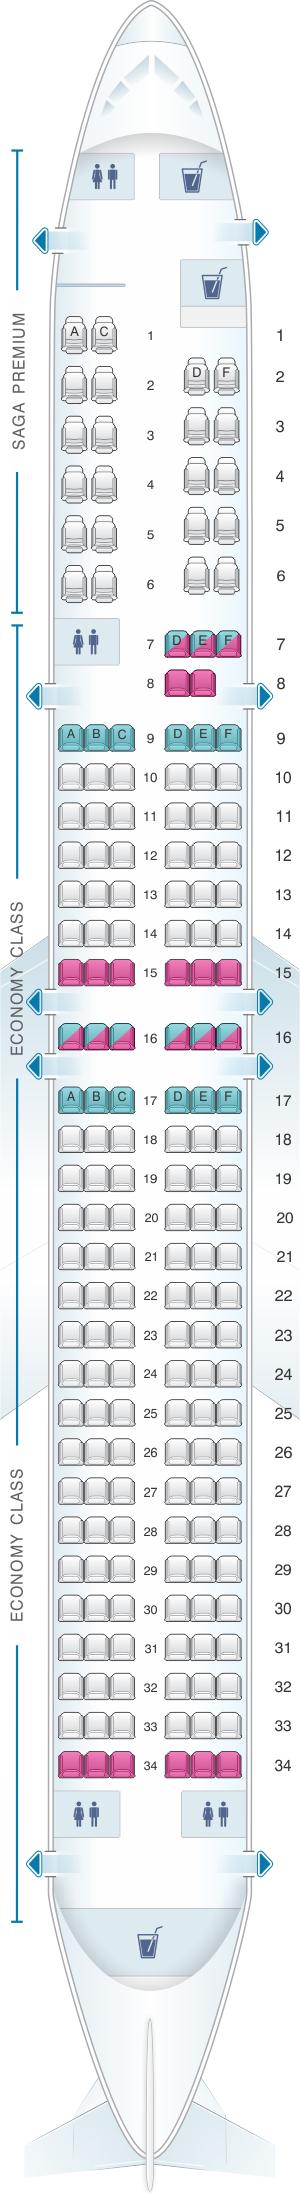 Seat Map For Icelandair Boeing B757 200